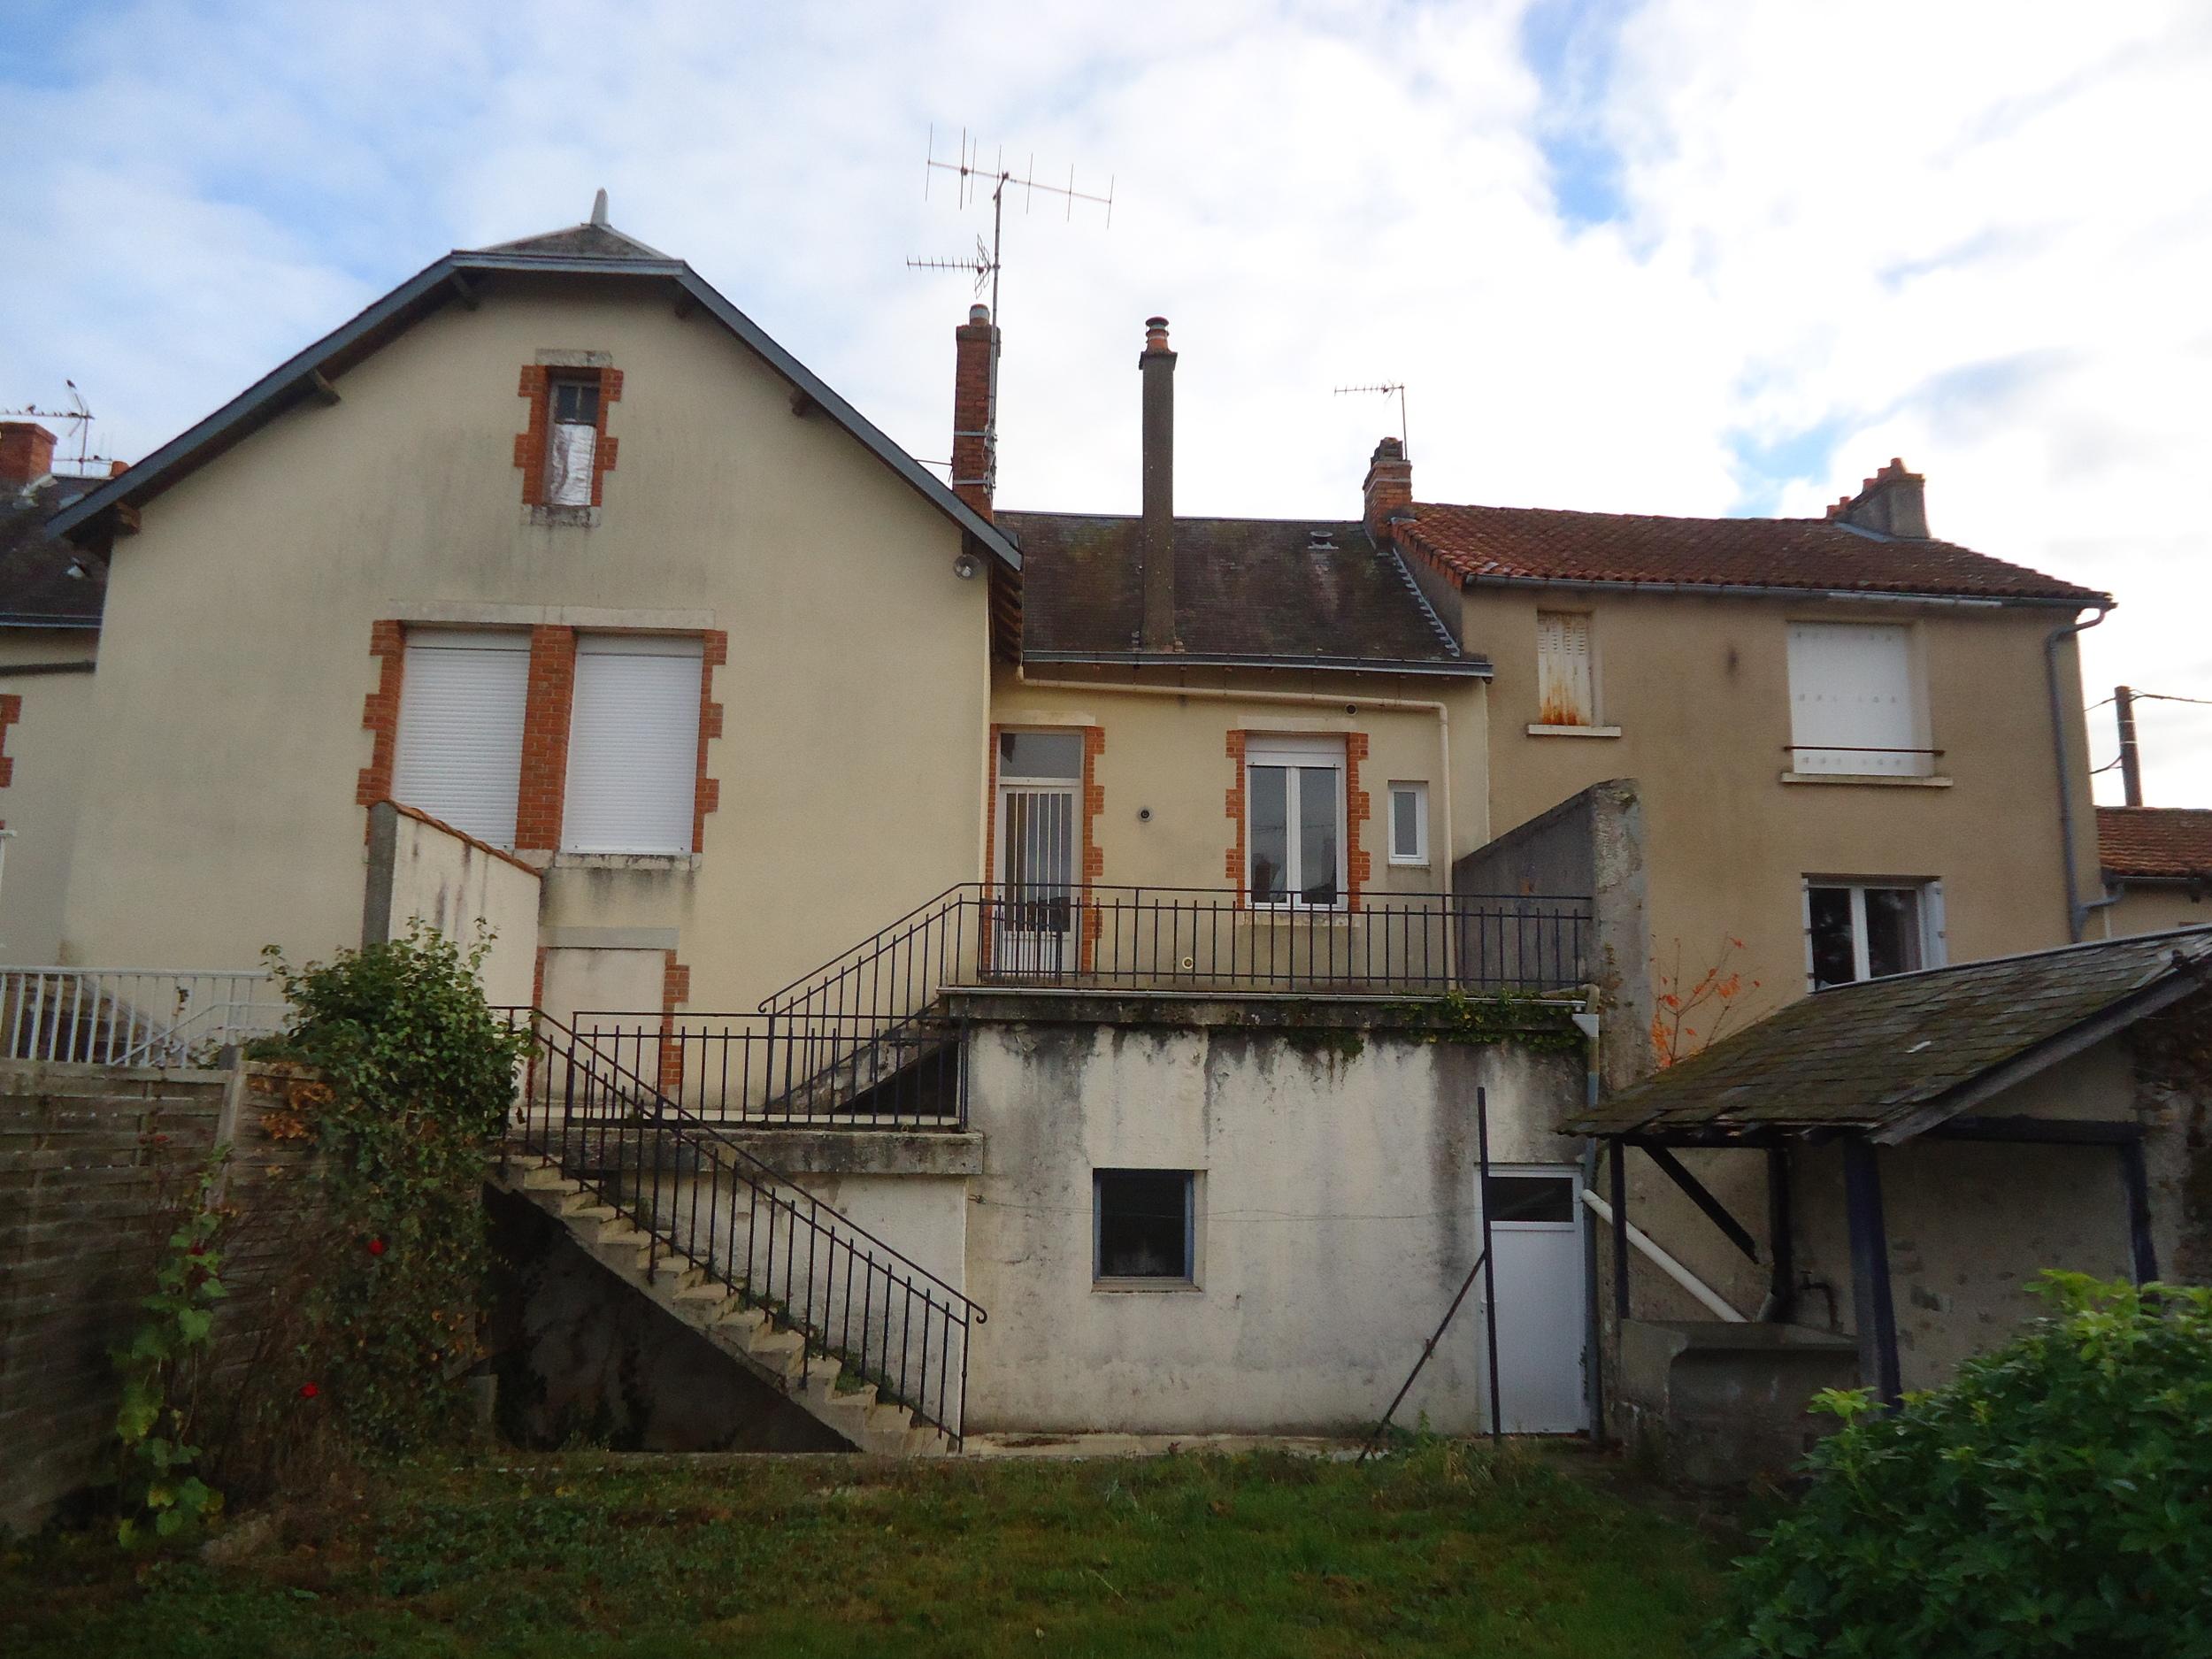 Je vous propose une maison de 3 pièces, habitable de suite. <BR>Au rez de chaussée  garage et une pièce à rafraîchir<BR>A l'étage : Séjour, cuisine, 2 chambres et 1 salle d'eau avec WC. <BR>Chauffage gaz.<BR>Possibilité d'en faire une location. Ancien loyer: 520 euros. Honoraires : 5.63% du prix de vente.Mme Lucie RAME 0601072615 / 0535535505poste2021 parthenay@maxihome.email   Agent commercial indépendant du réseau national clairimmo Maxihome N° RSAC : 815 116 13200011 PRIUM - Ville du greffe : PARIS